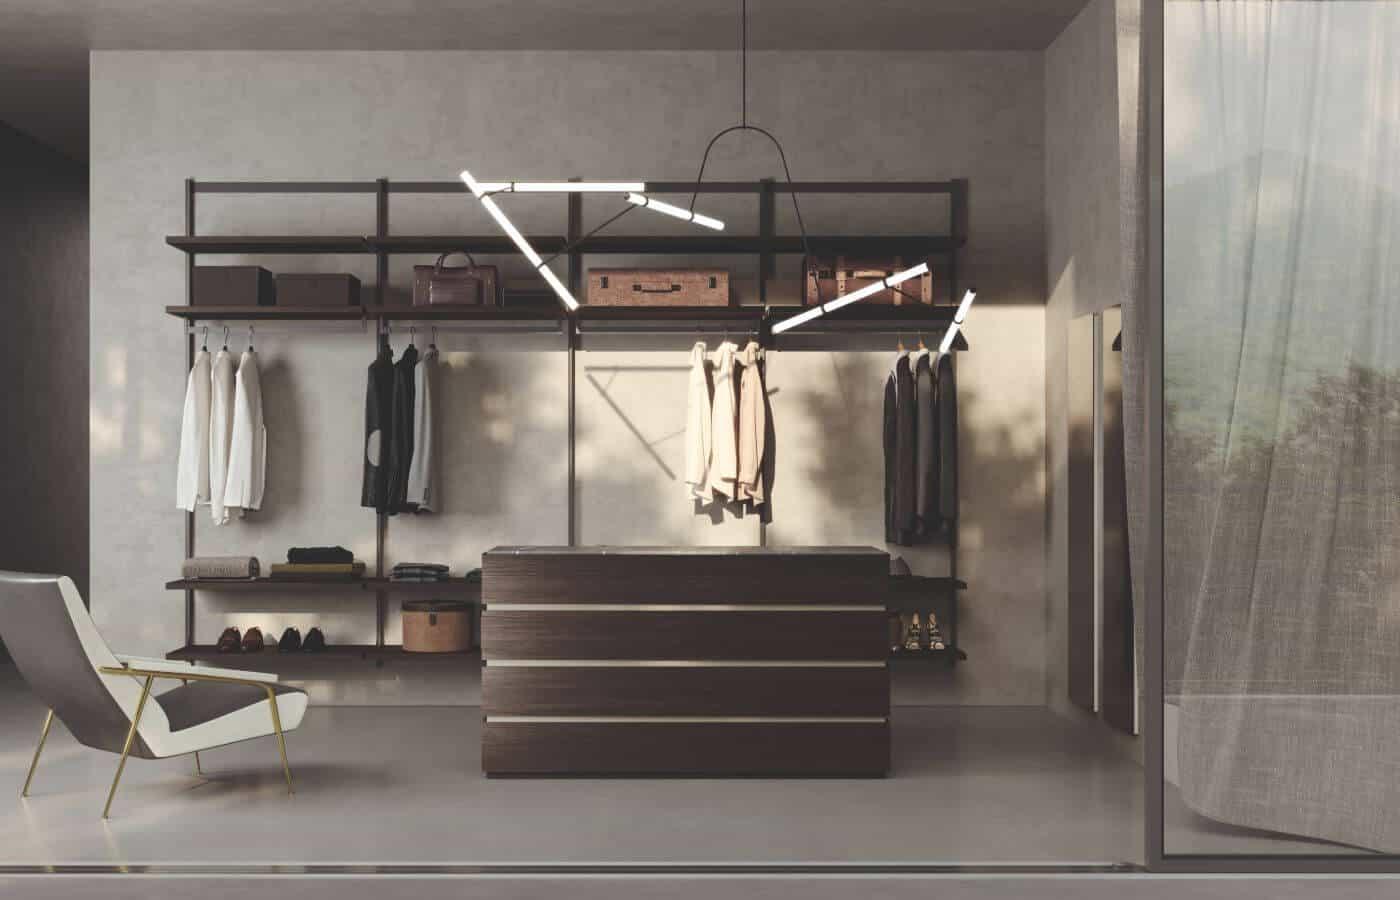 armadi-cabina-armadio-collezione-demetra-il-mobile